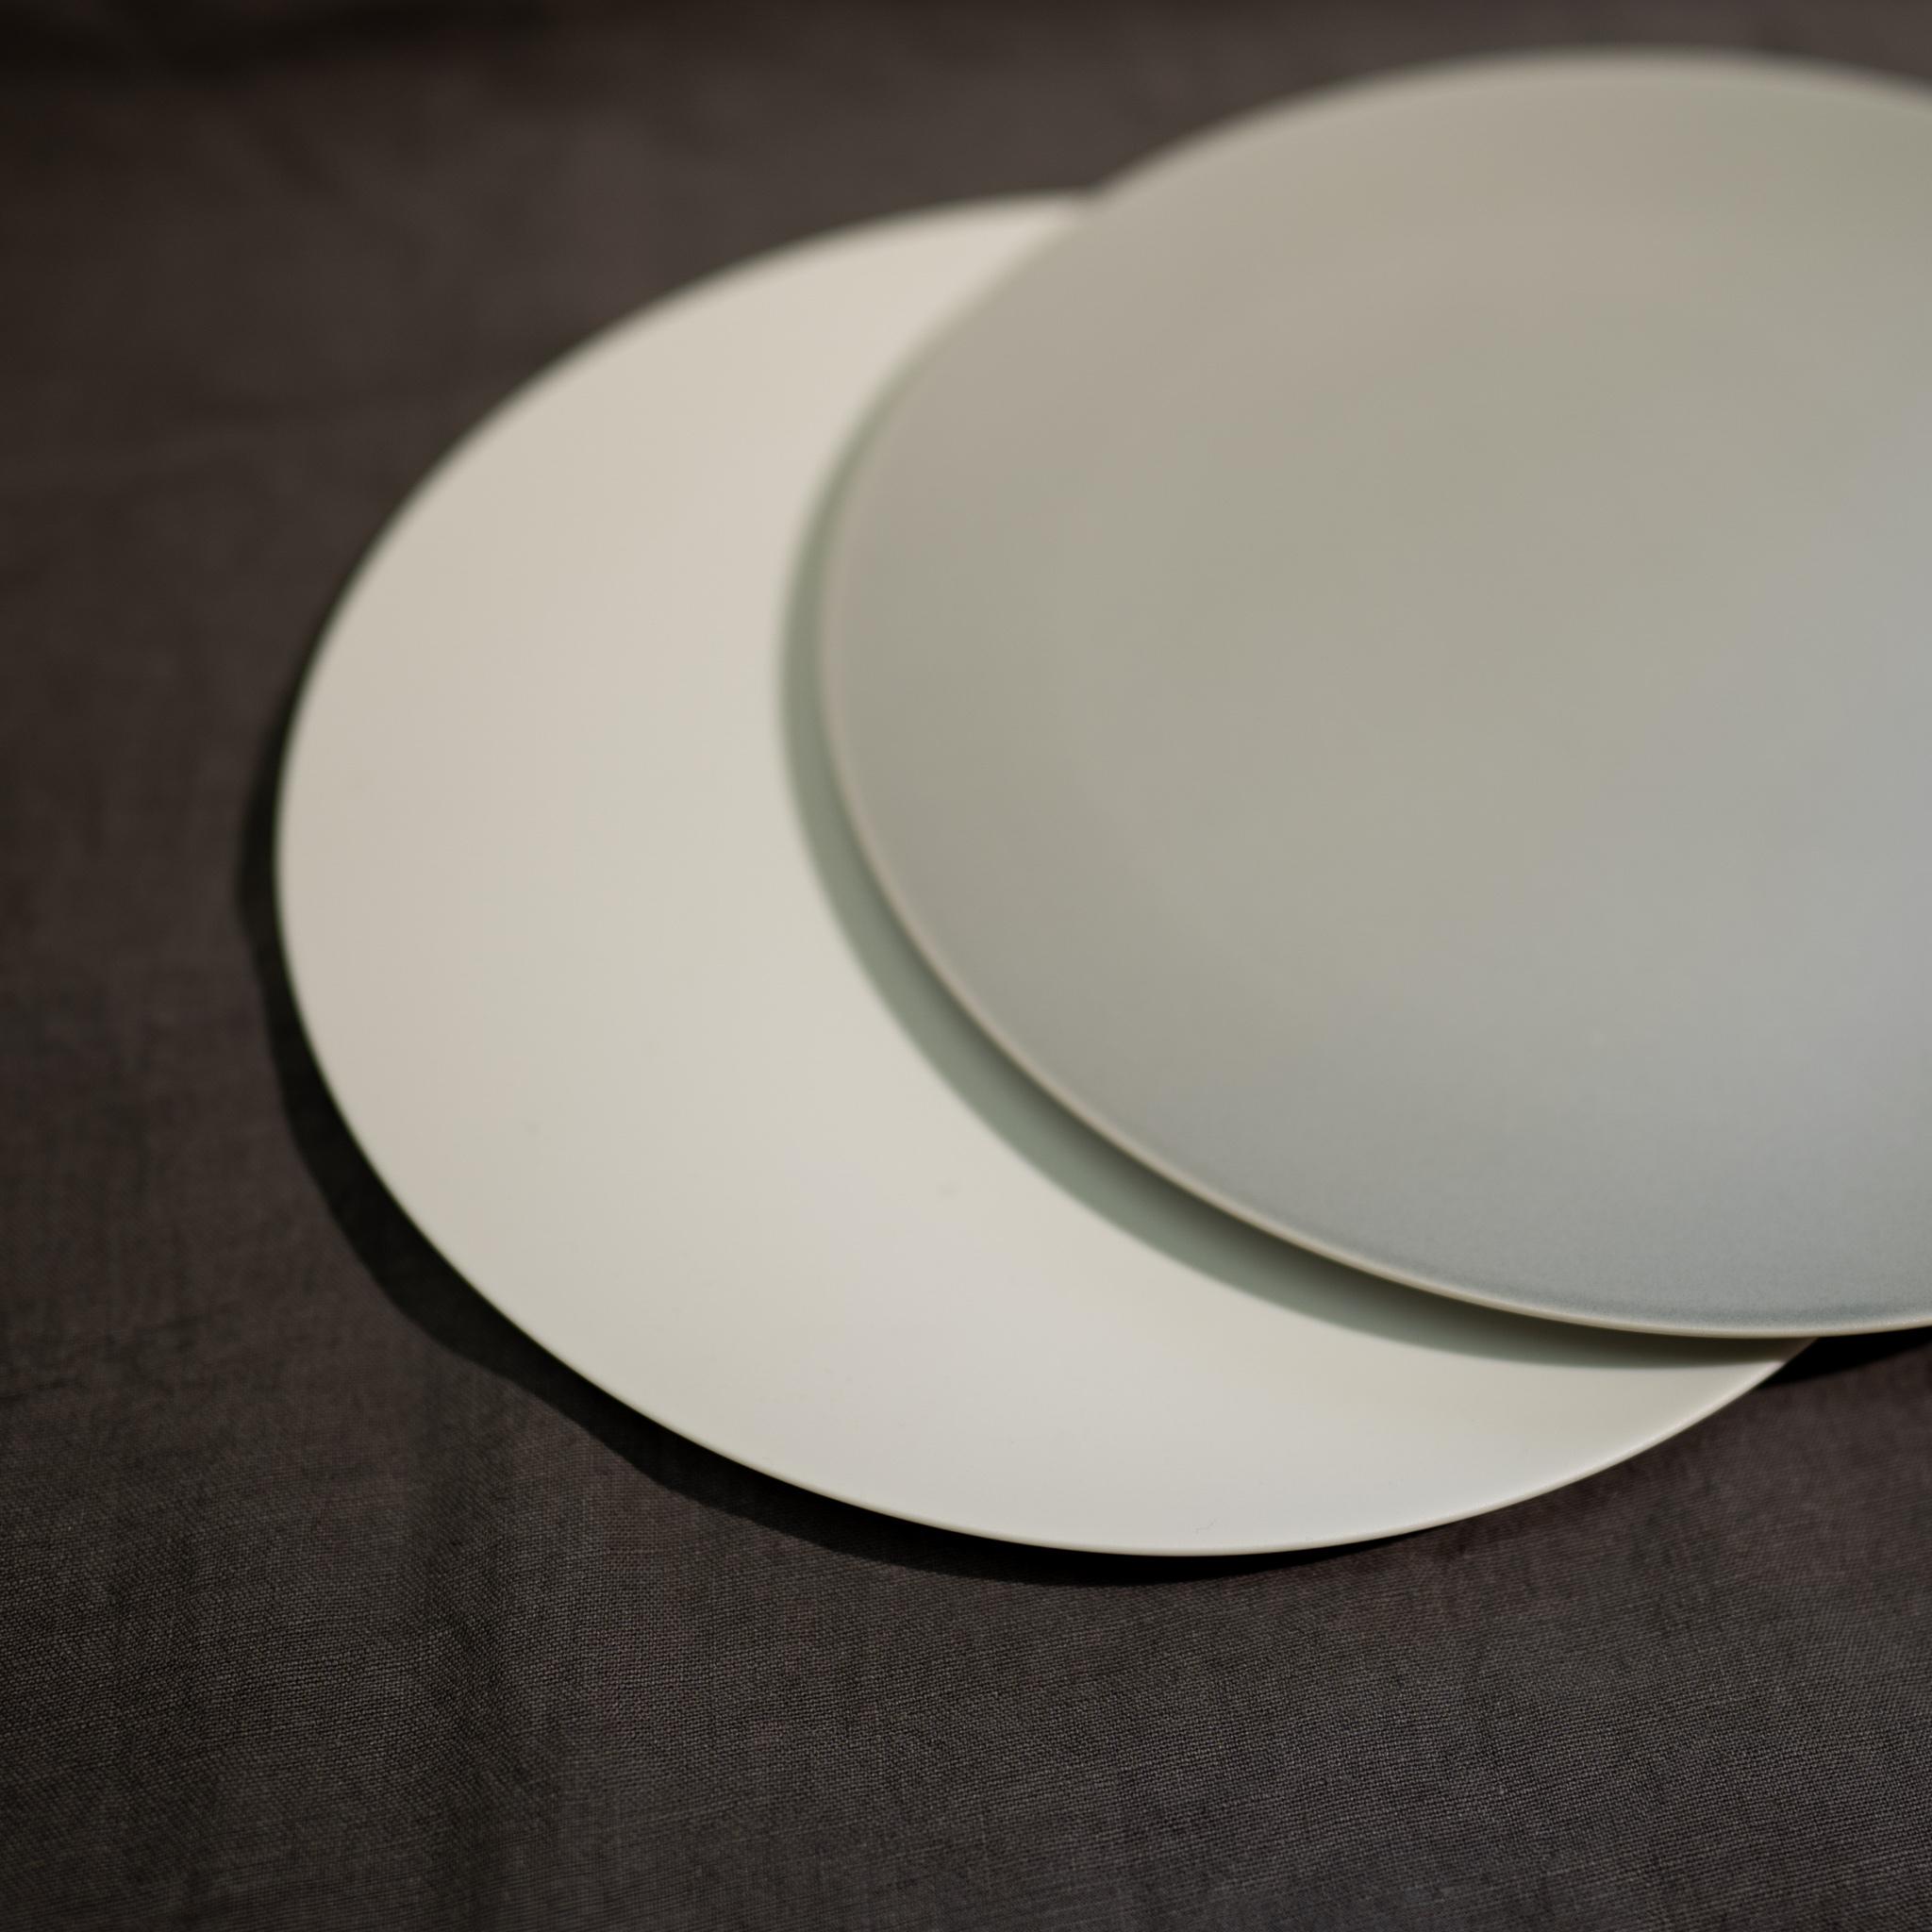 Stone プレート リッチグレー/リッチホワイト 23cm